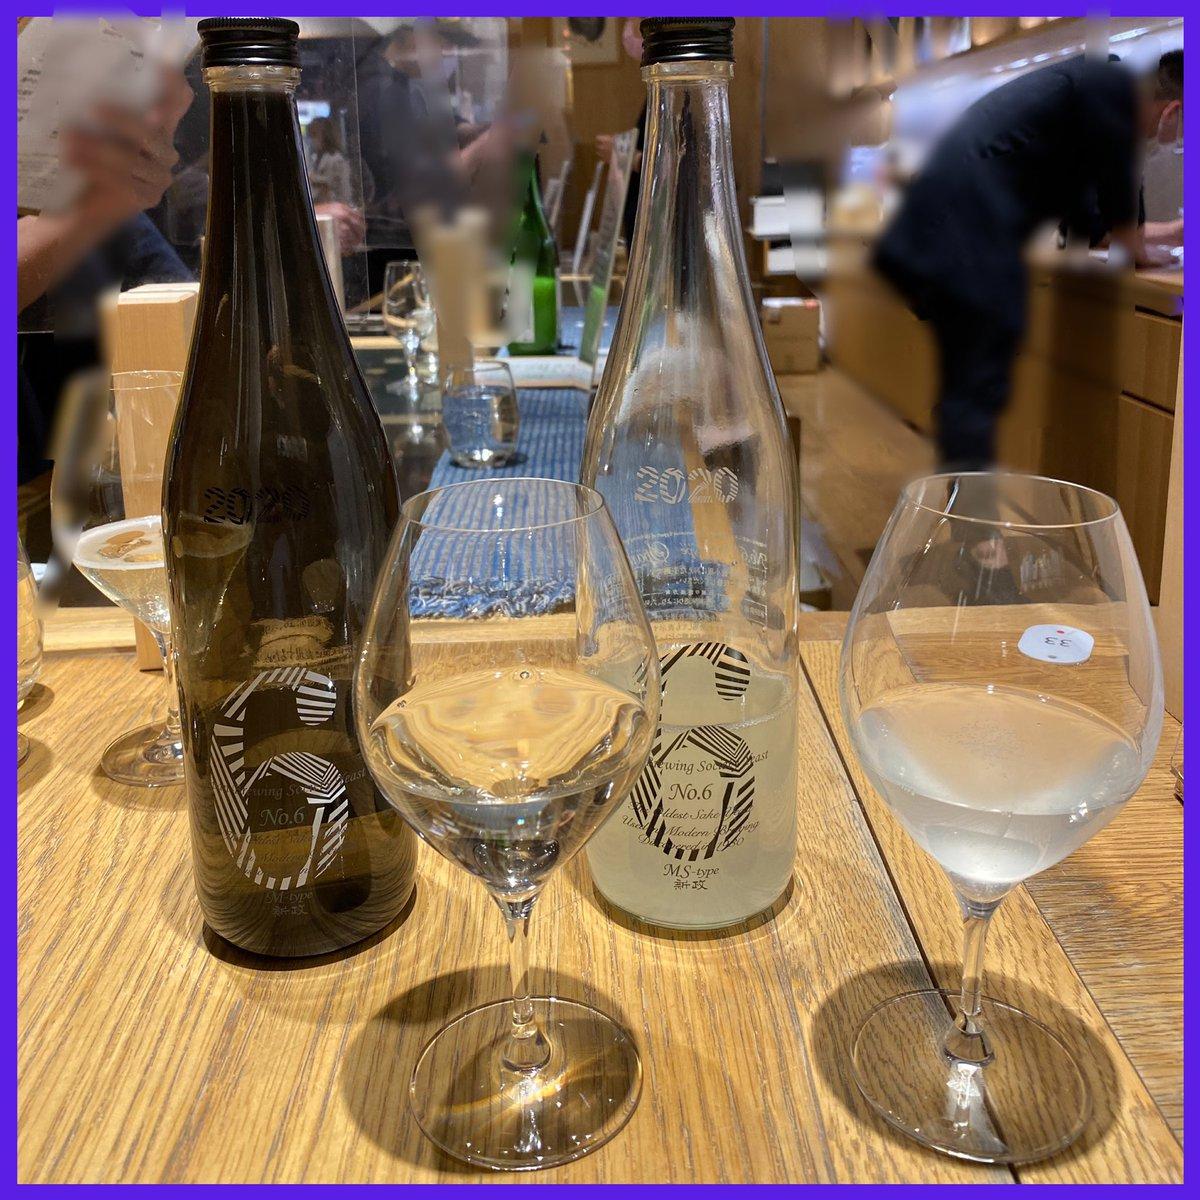 test ツイッターメディア - からの、銀座のいまでやさんの角打ち。私は新政の頒布会のものを。飲めてなかったから、とっても嬉しい😊🍶💕  友達も日本酒が飲みたいと言っていたのに、なぜかワインの飲み比べをしてました😂さすが将ちゃんファン🍷←飲んでたのは白だけど。  とっても美味しくて楽しい1日でした。 https://t.co/CNeNxO2vQU